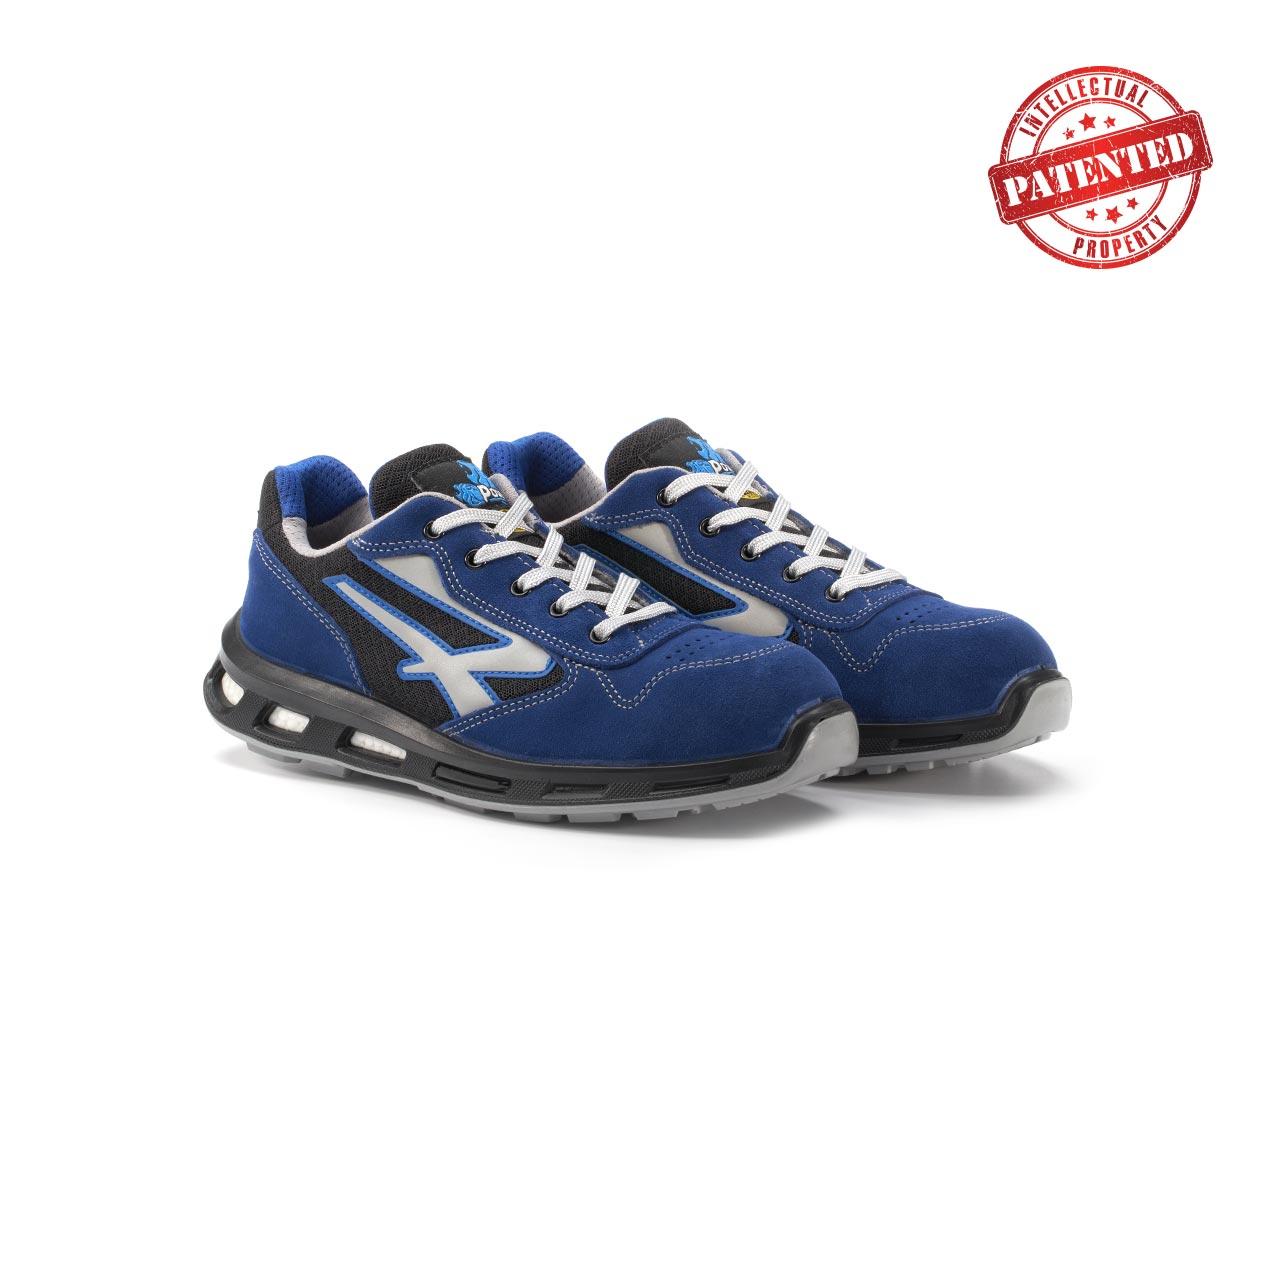 paio di scarpe antinfortunistiche upower modello dea linea redlion vista prospettica